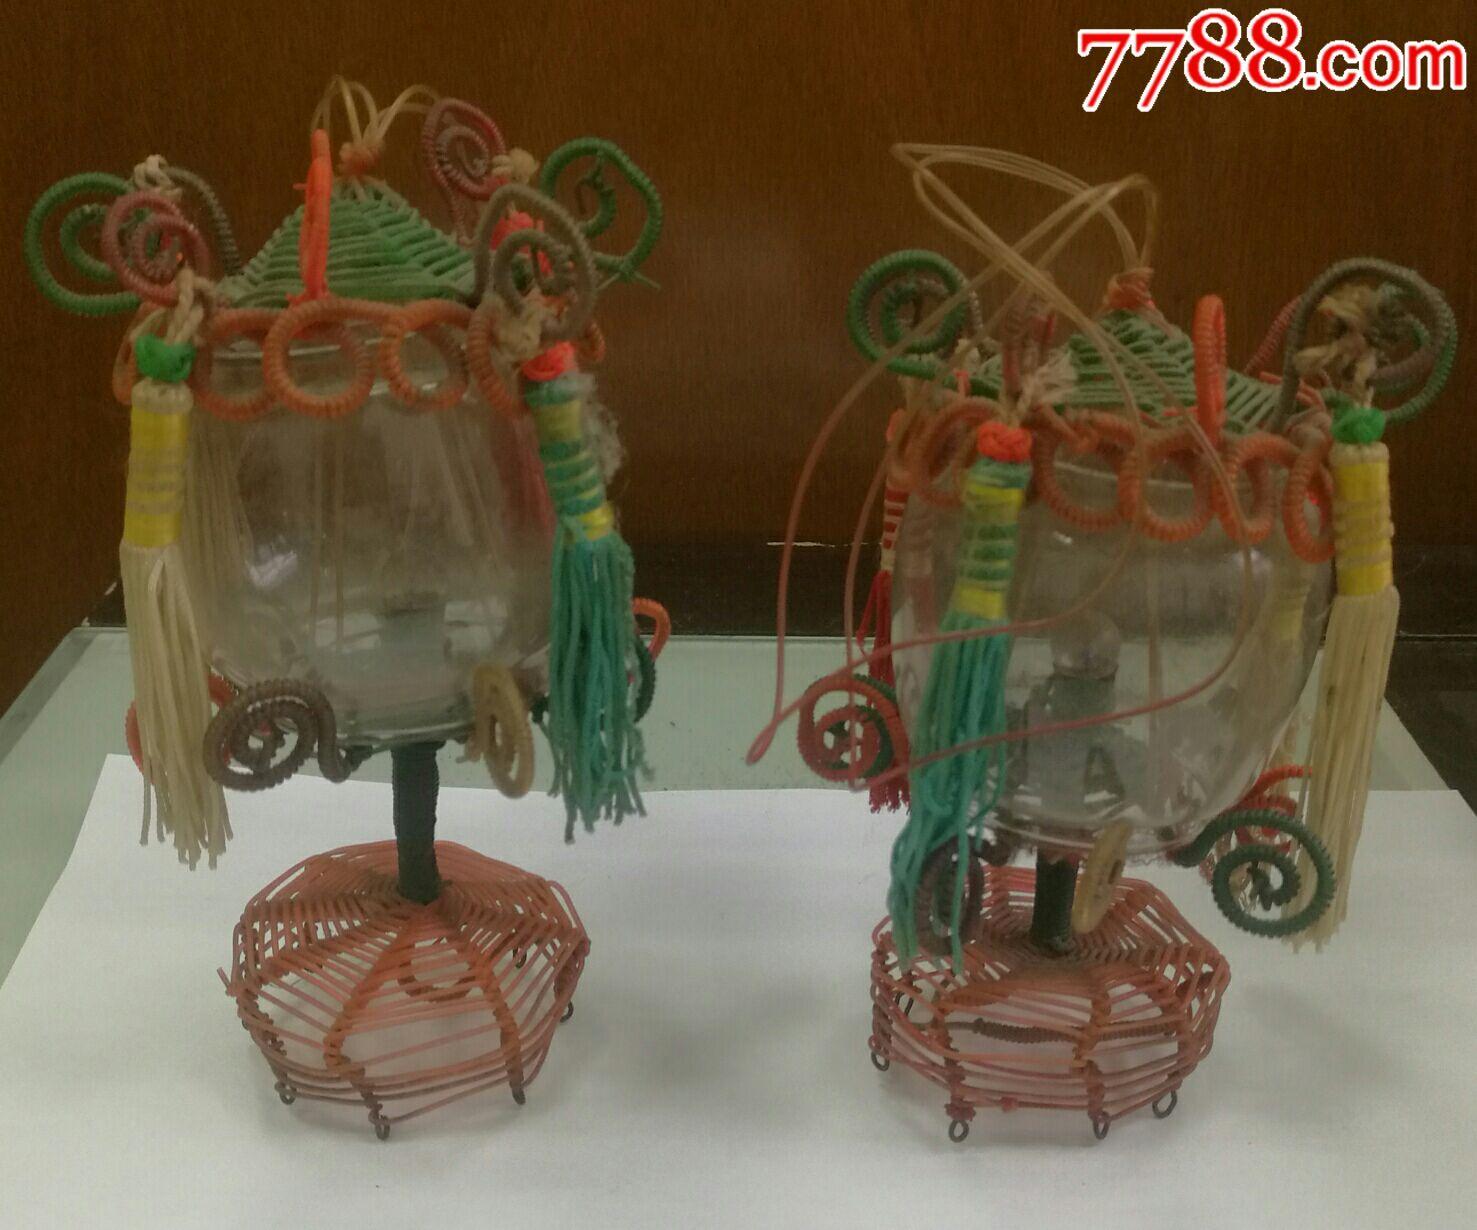 早期全手工制作的一对玻璃丝吊挂台灯